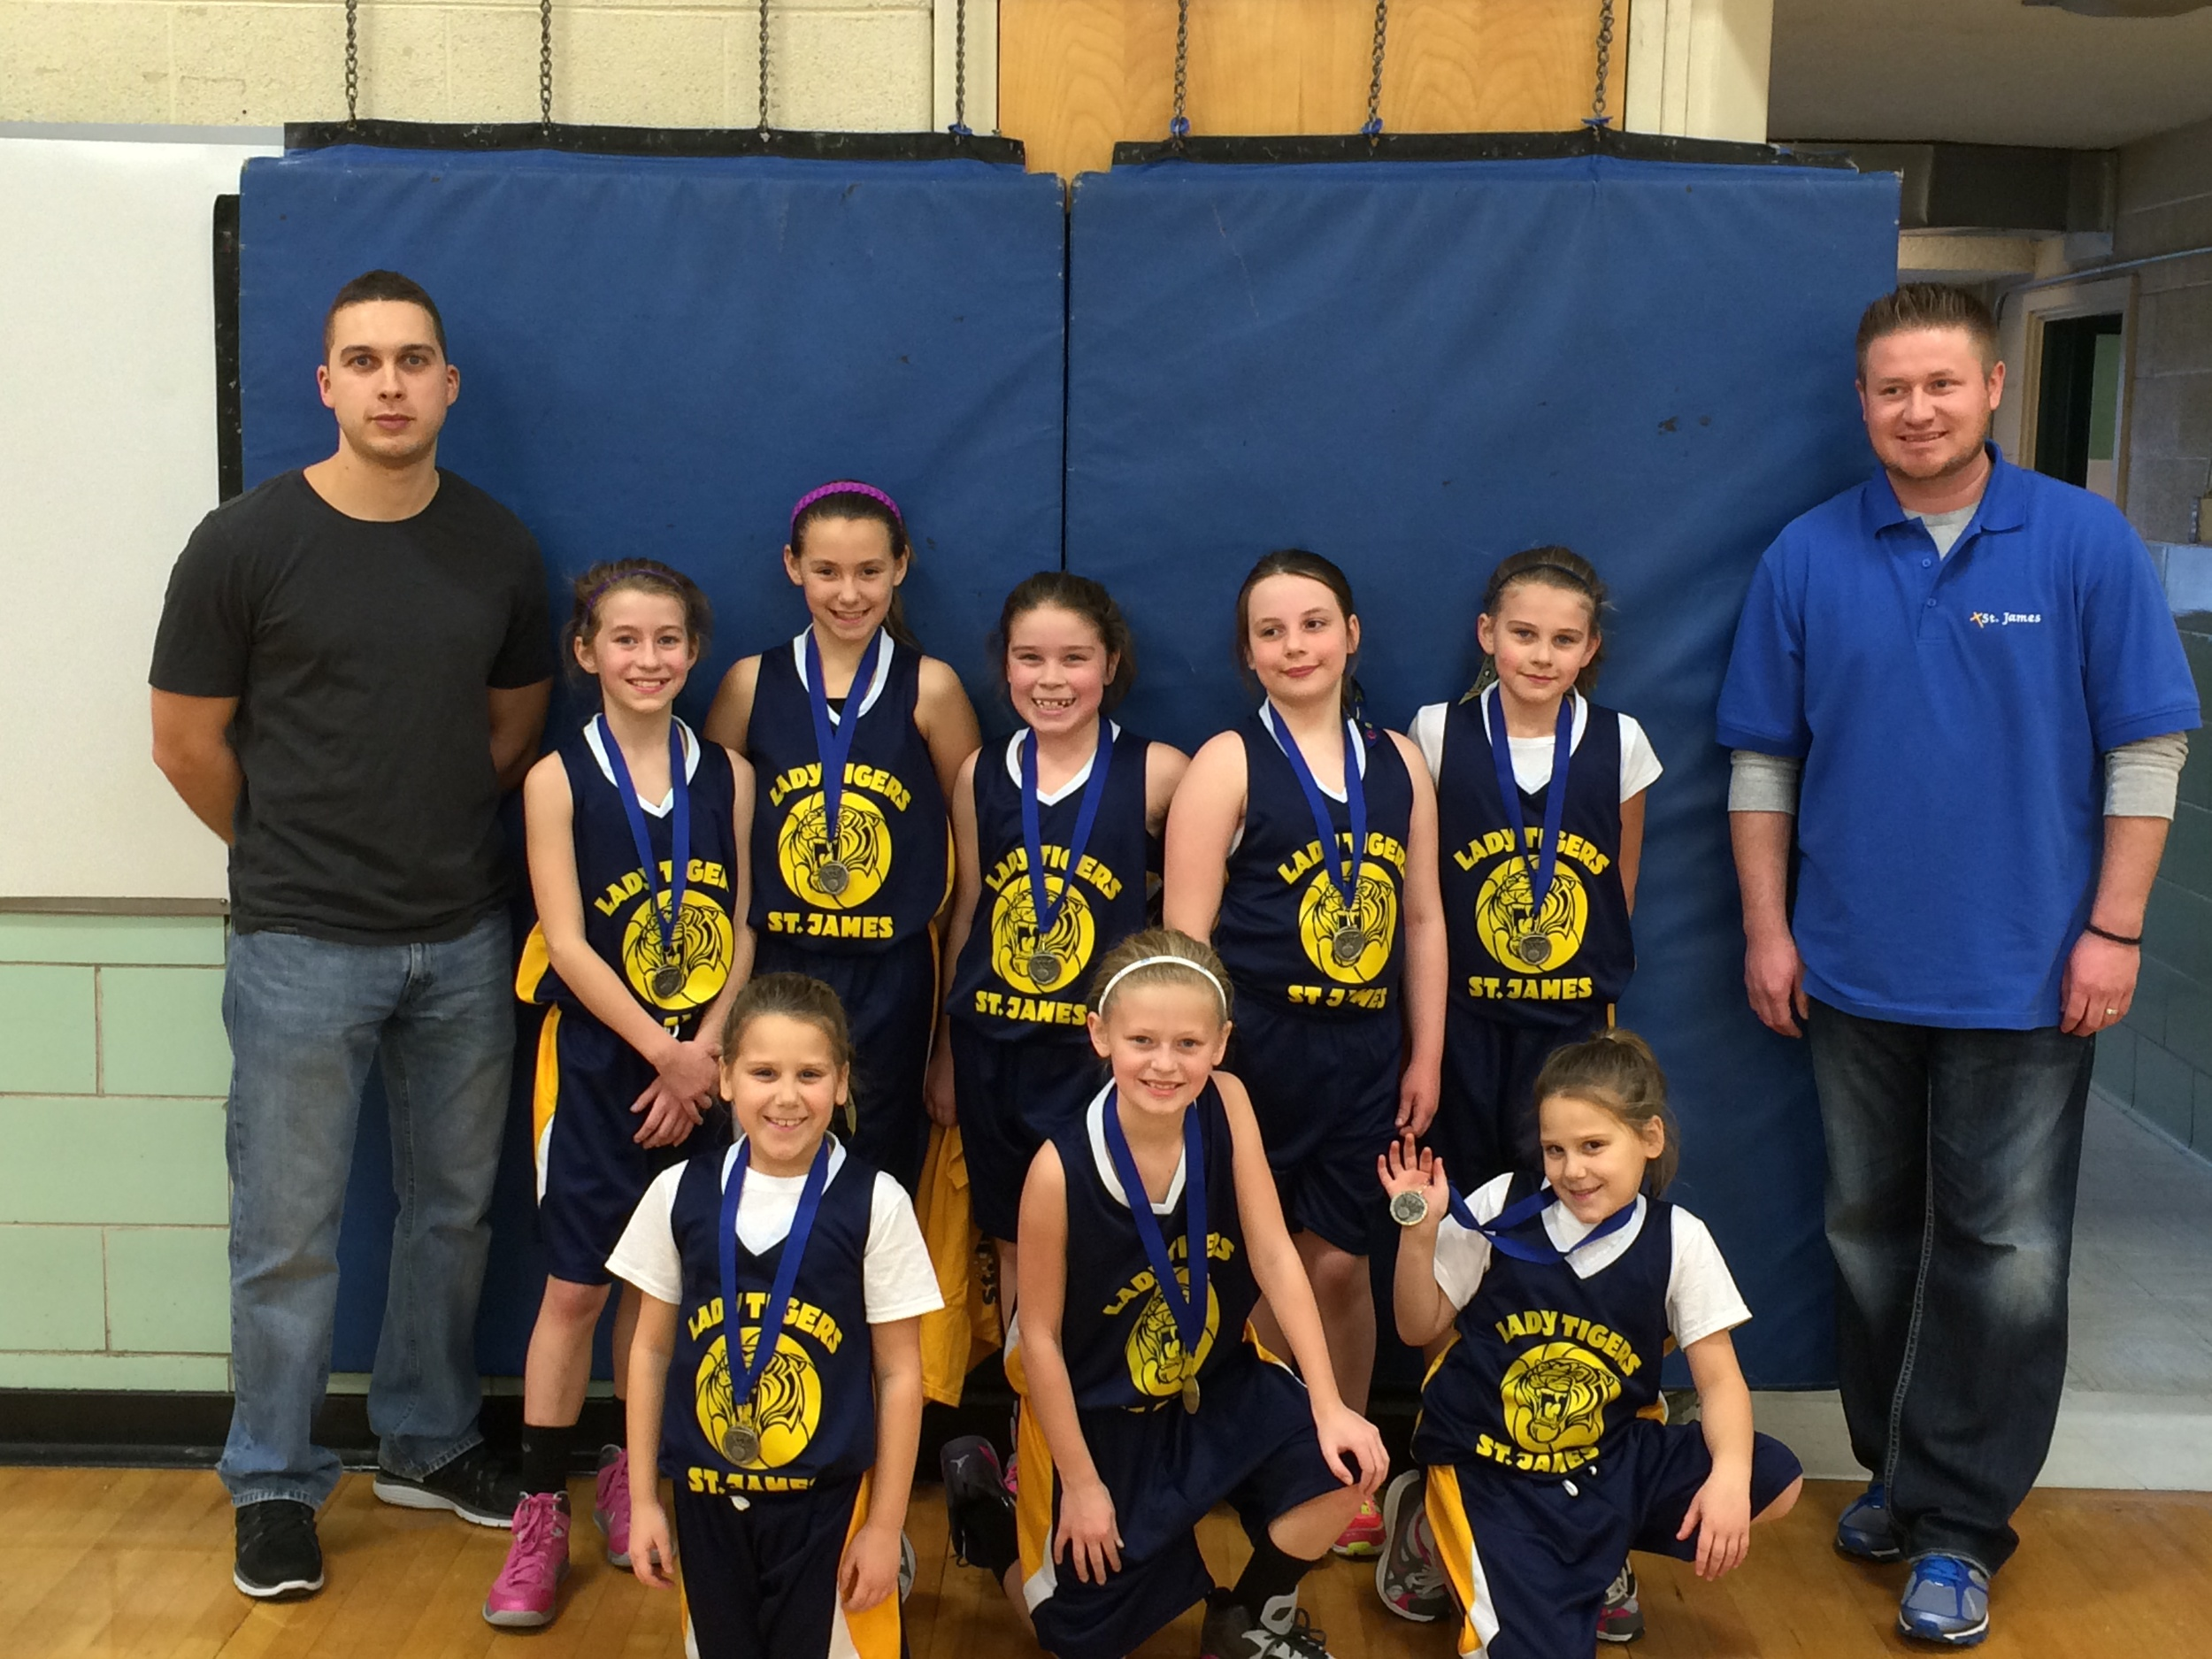 Girls Basketball - Grades 3-8